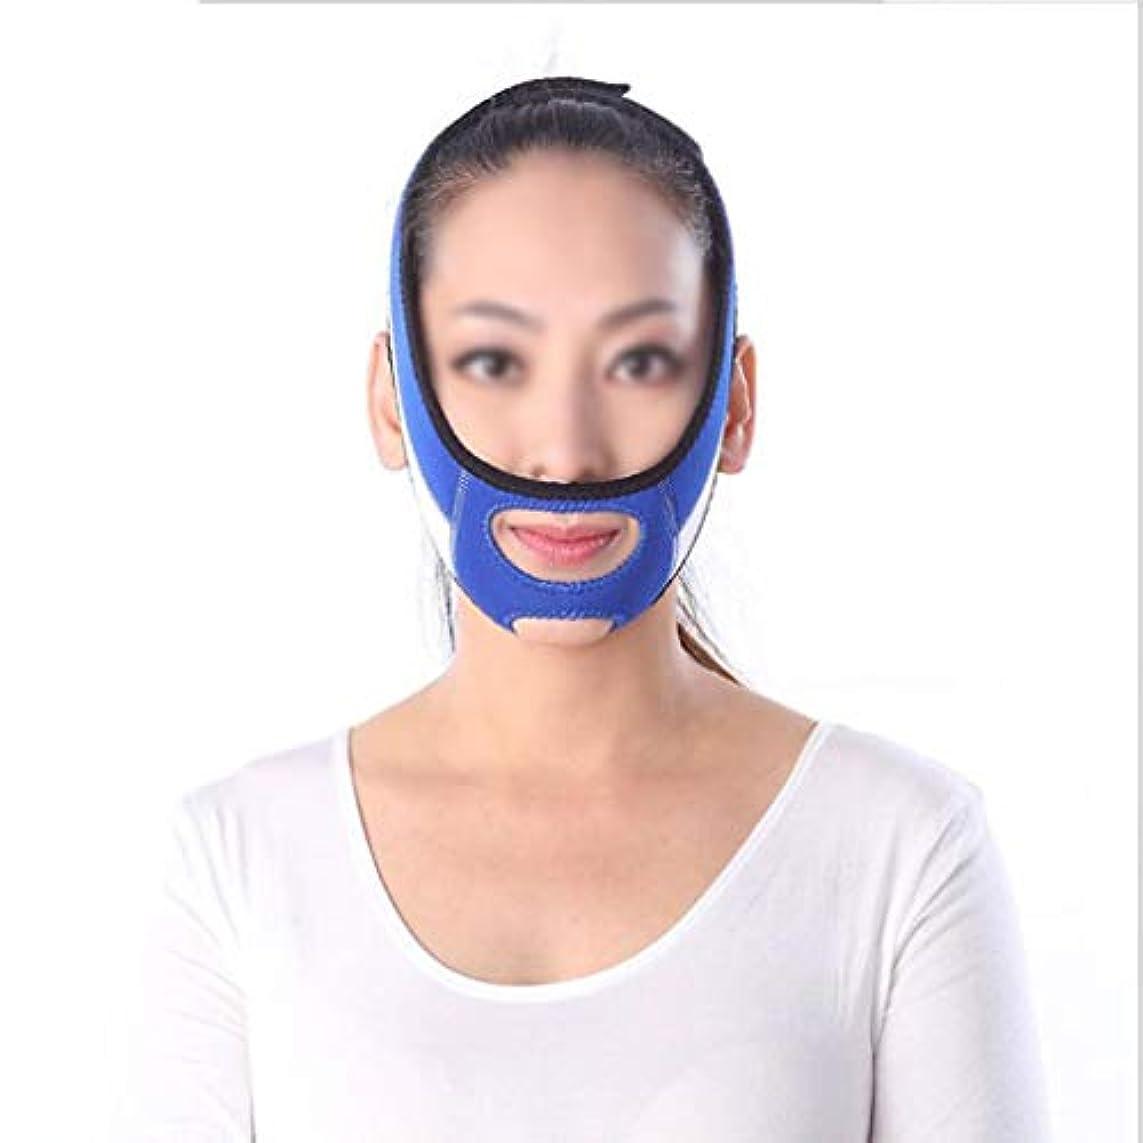 ラブ消防士無謀フェイスリフティングマスク、リフティングローパターン包帯ラインカービングリペアツールファーミングスキンスモールVフェイスバンド